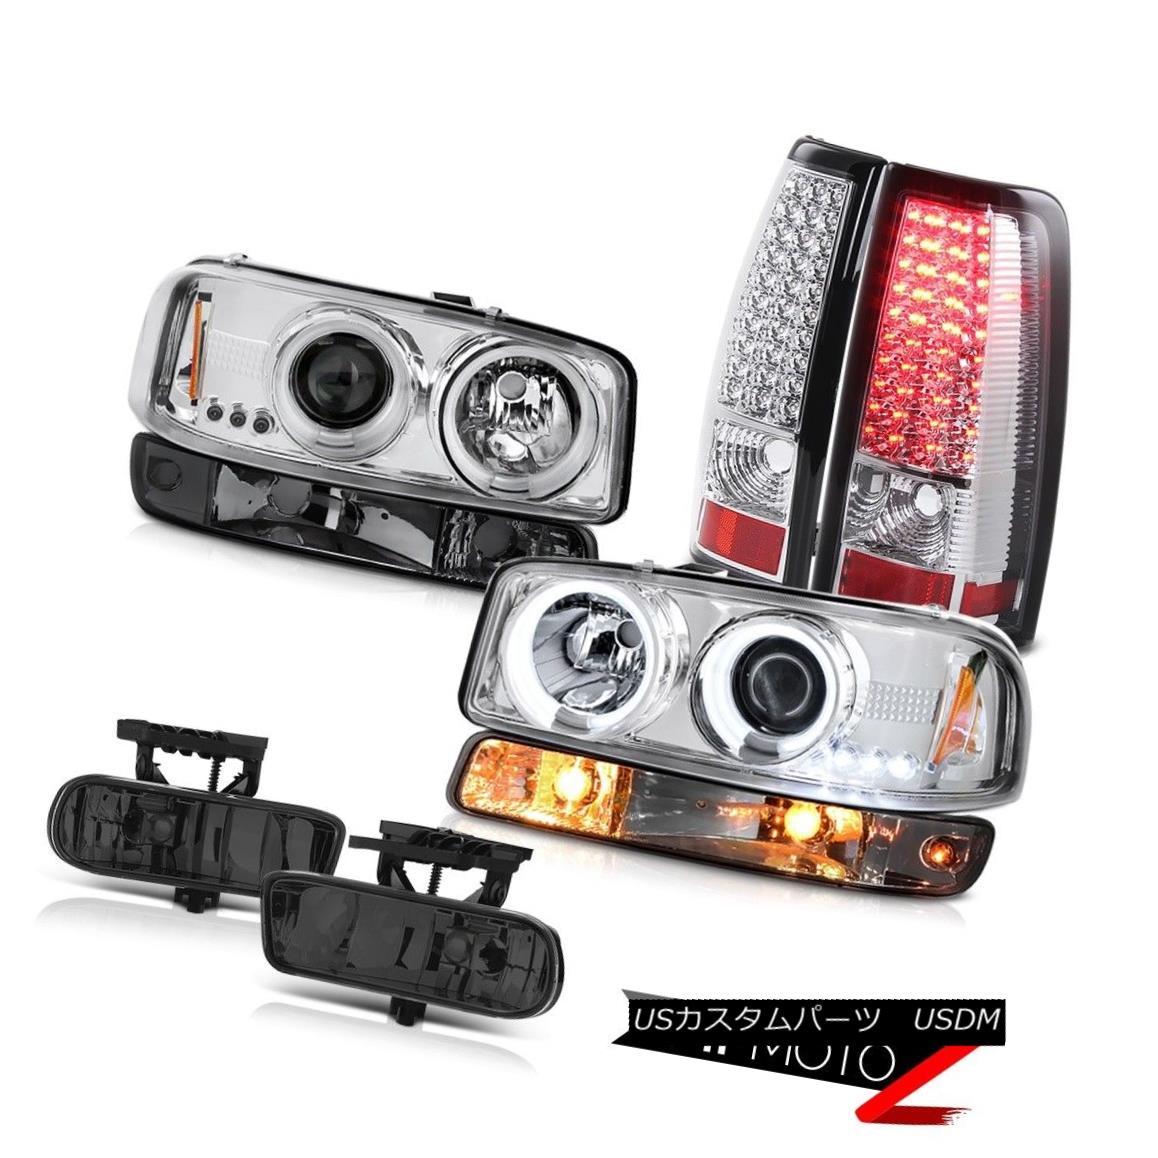 テールライト 99-02 Sierra 4.3L Smoked fog lamps led tail brake bumper light ccfl Headlamps 99-02シエラ4.3Lスモークフォグランプテールブレーキバンパーライトccflヘッドランプ